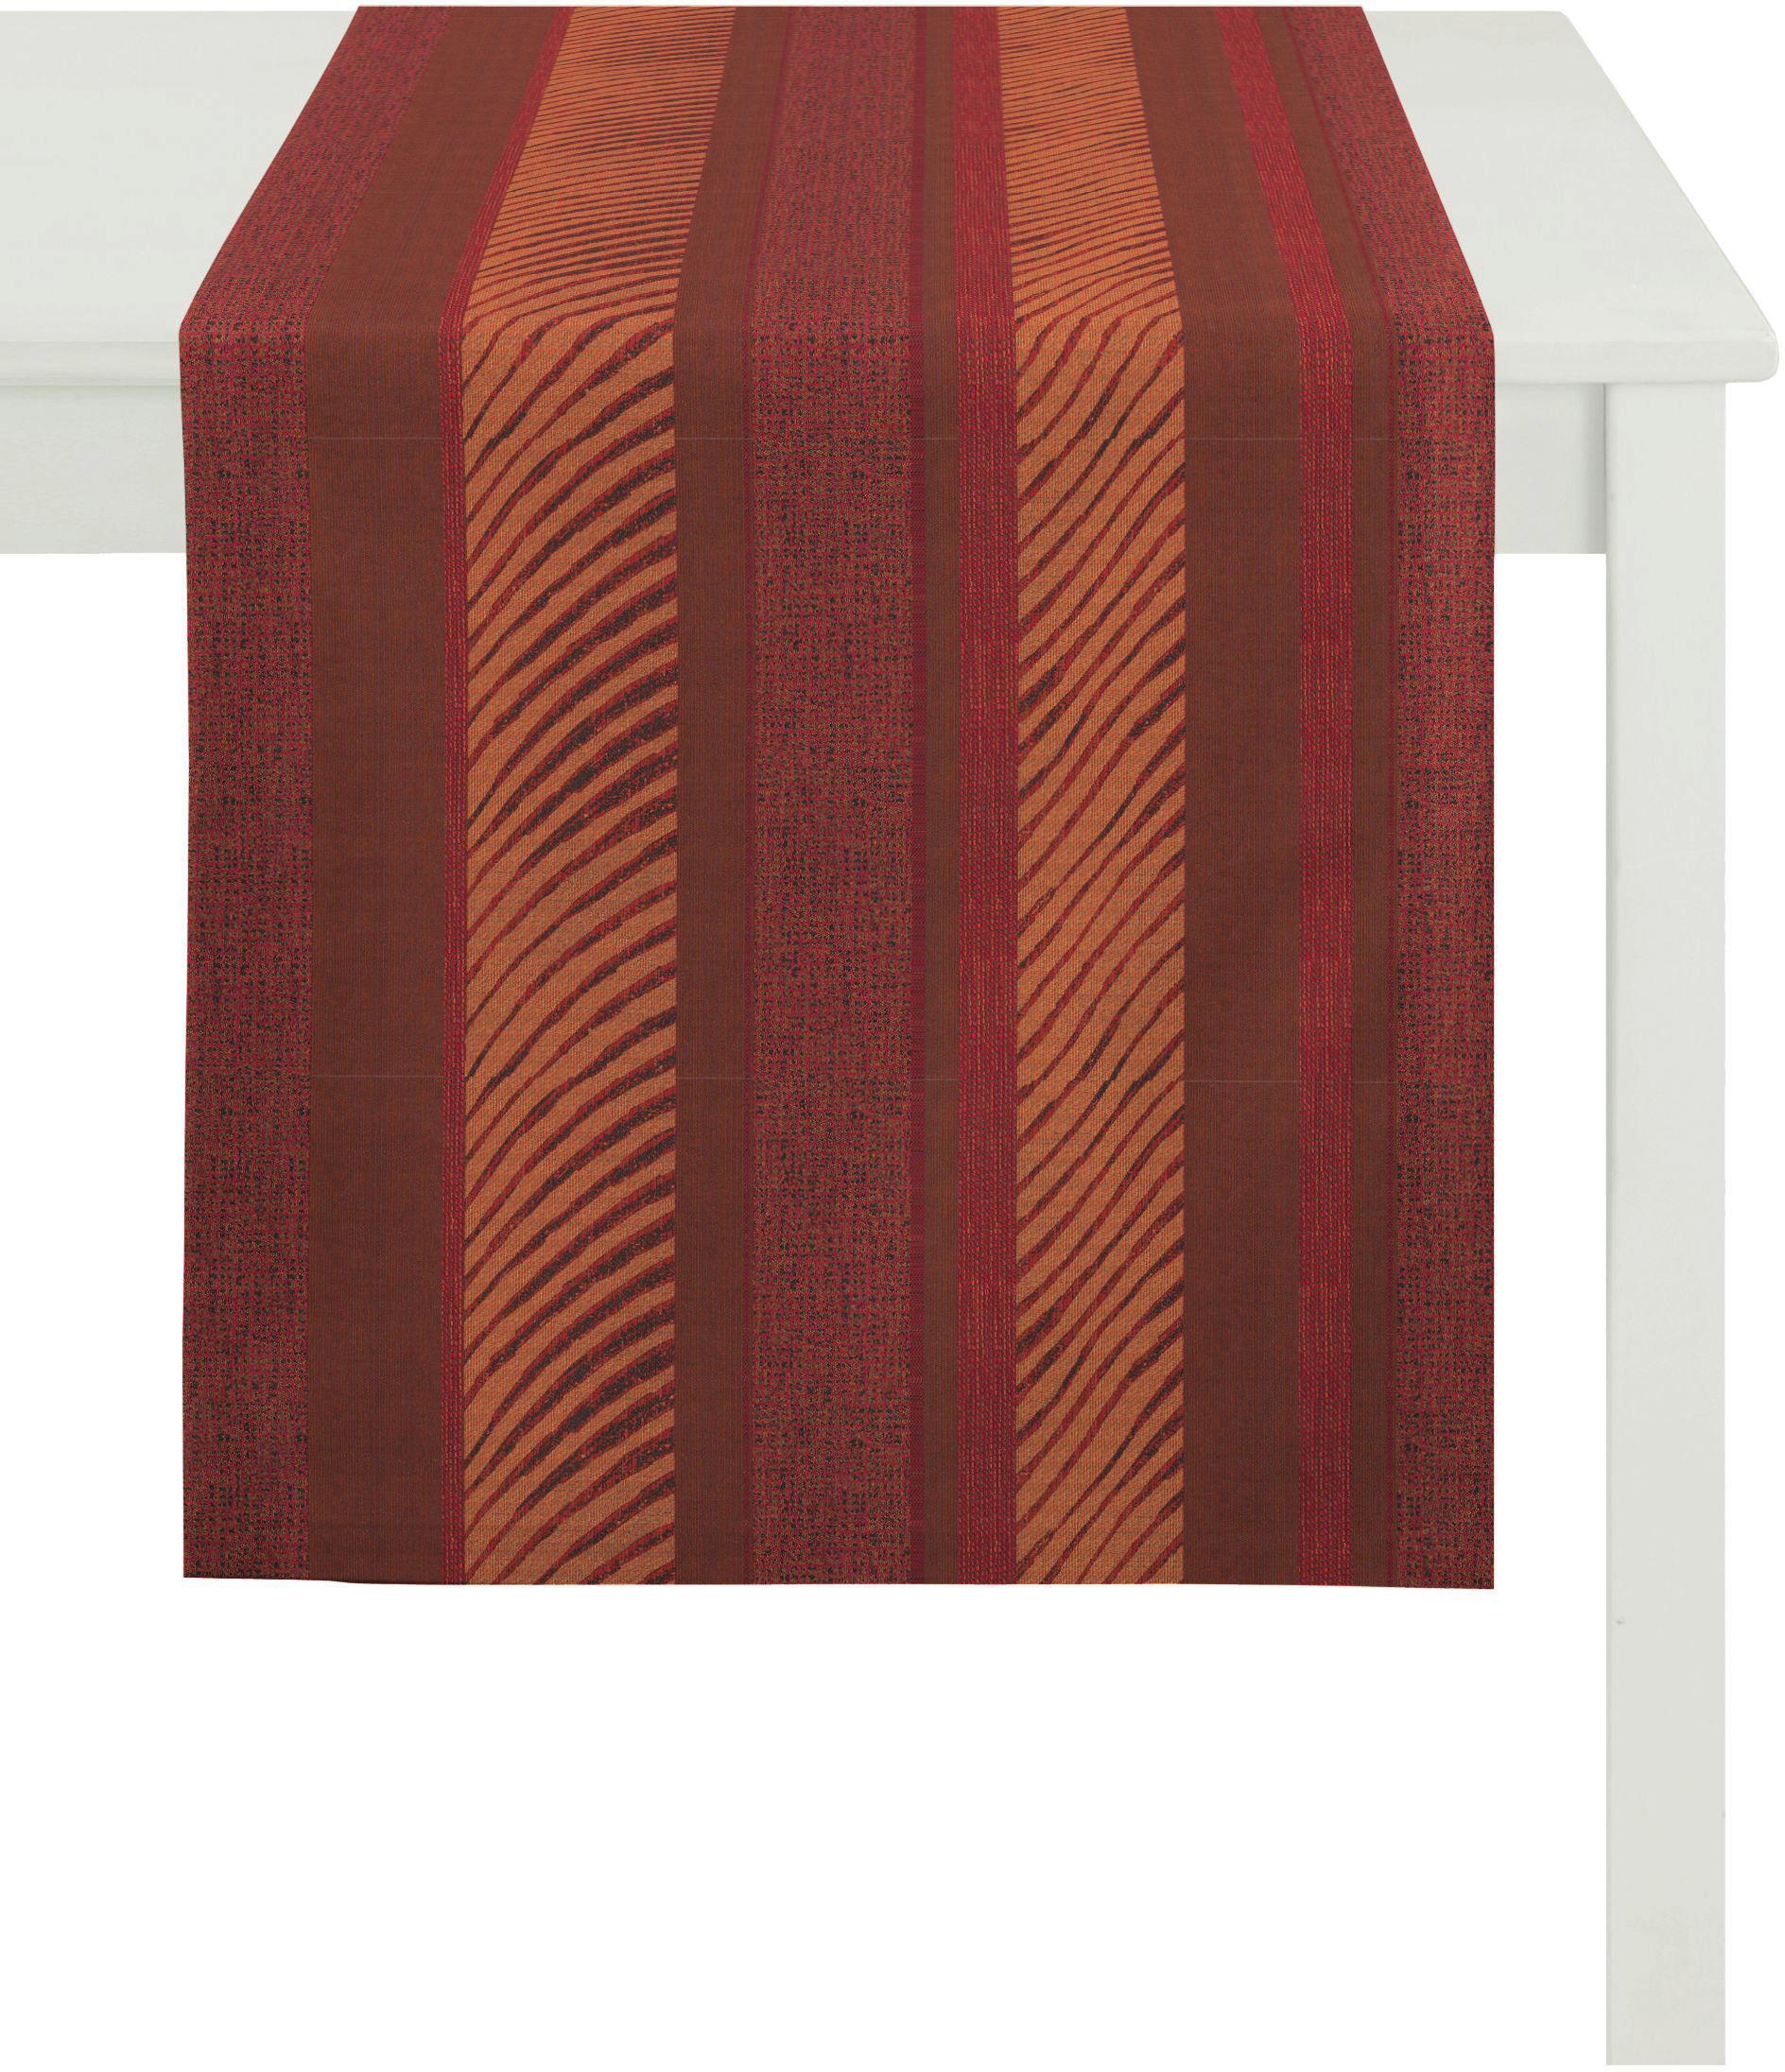 Apelt Tischläufer, 48x140 cm, »2904 Loft Style« | Heimtextilien > Tischdecken und Co > Tischläufer | Rot | Polyester | APELT